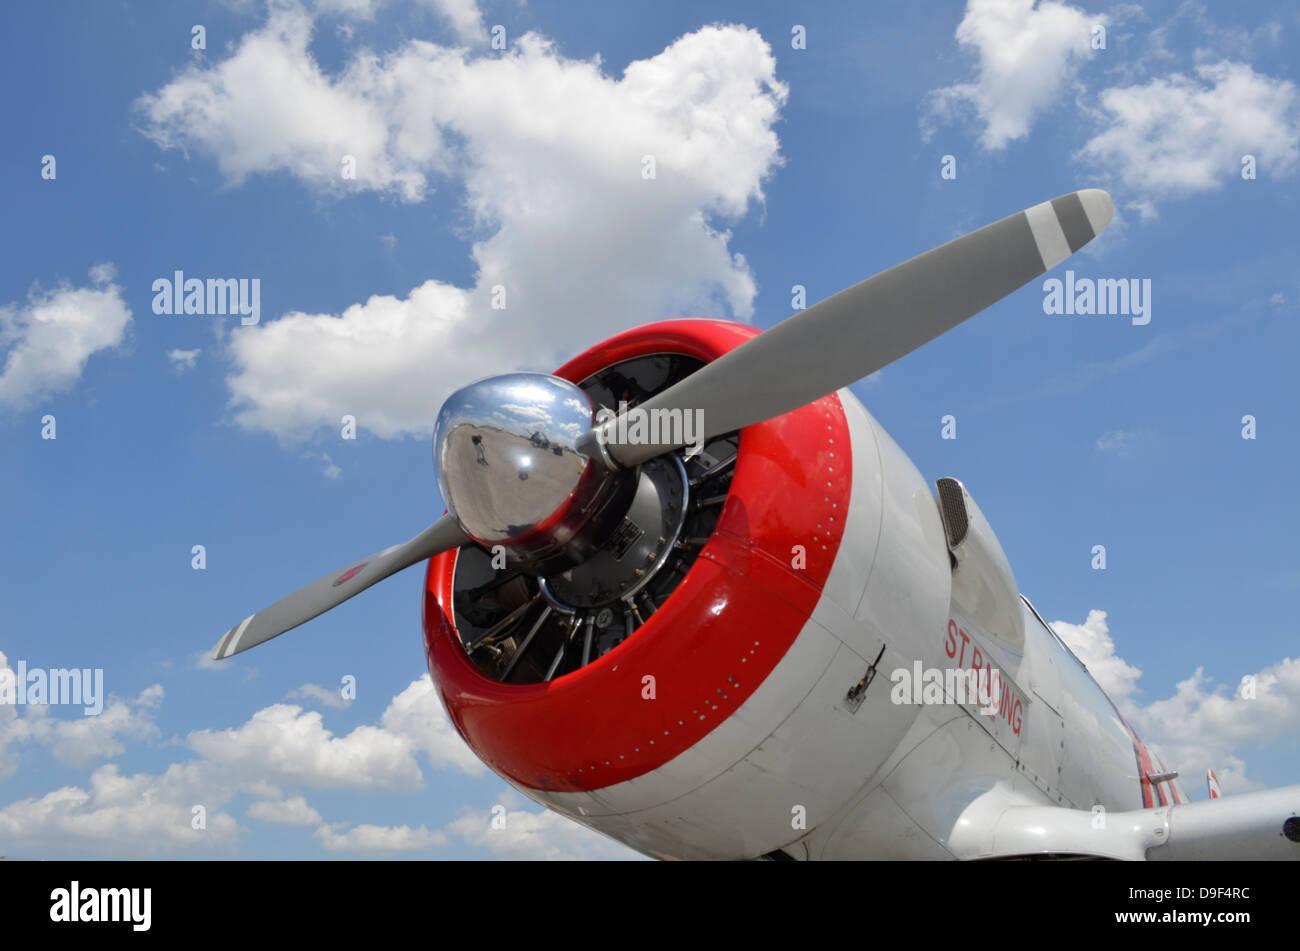 Nahaufnahme des Propellers auf einer North American Aviation AT-6 Texan Warbird. Stockbild